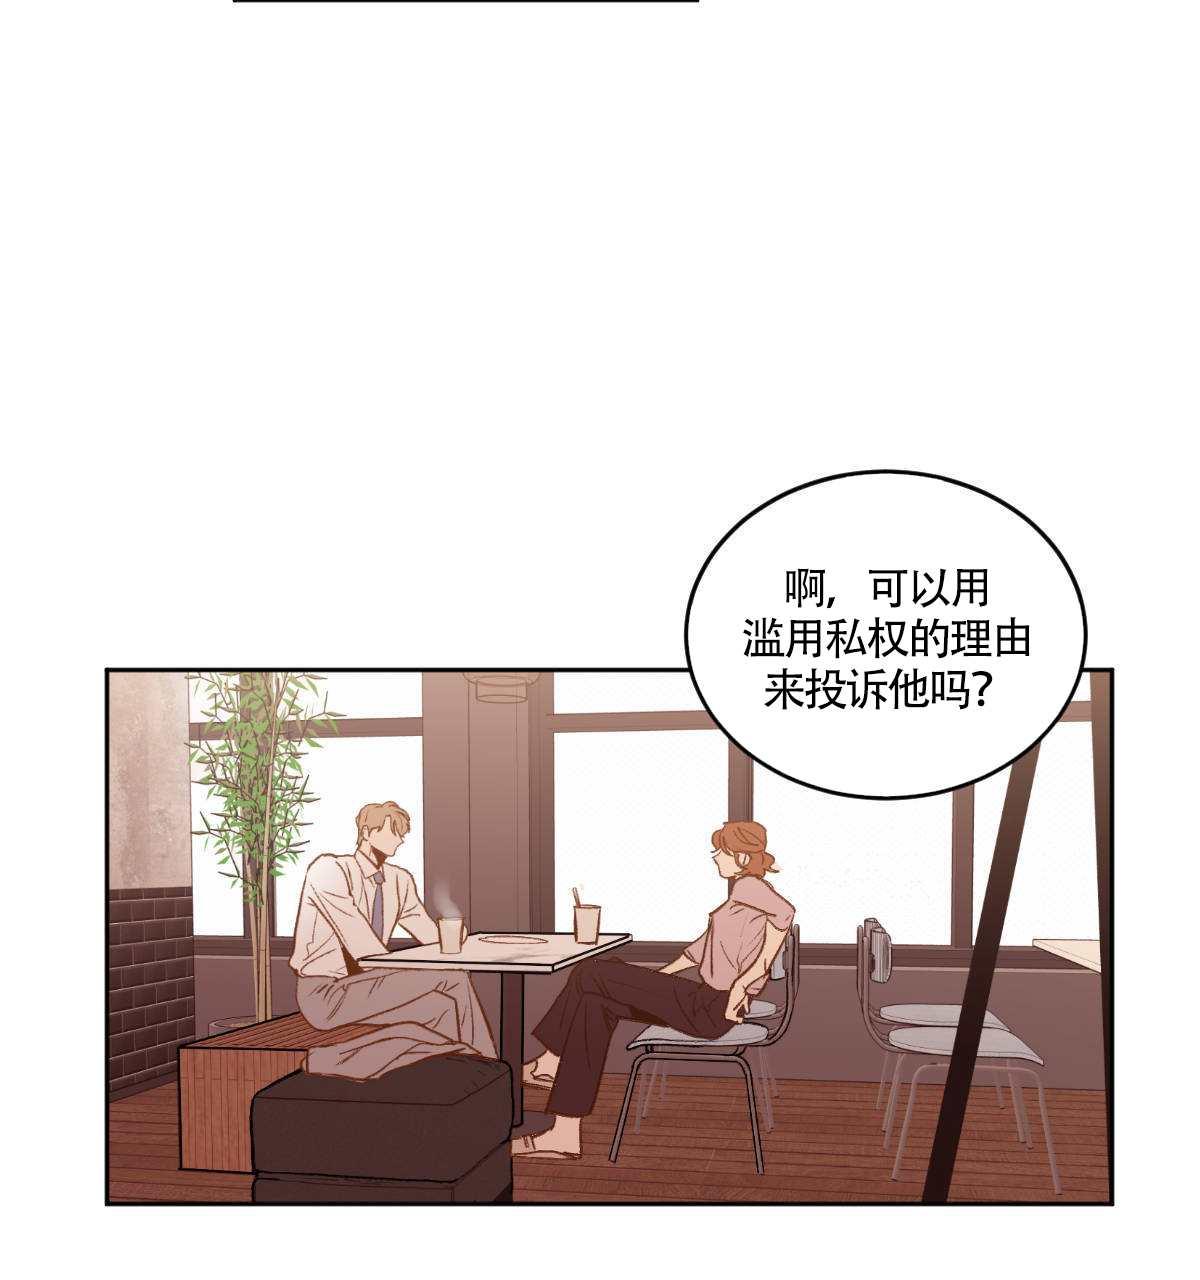 韩漫《新入职员》撩走办公室最可怕的大魔王!  第14张